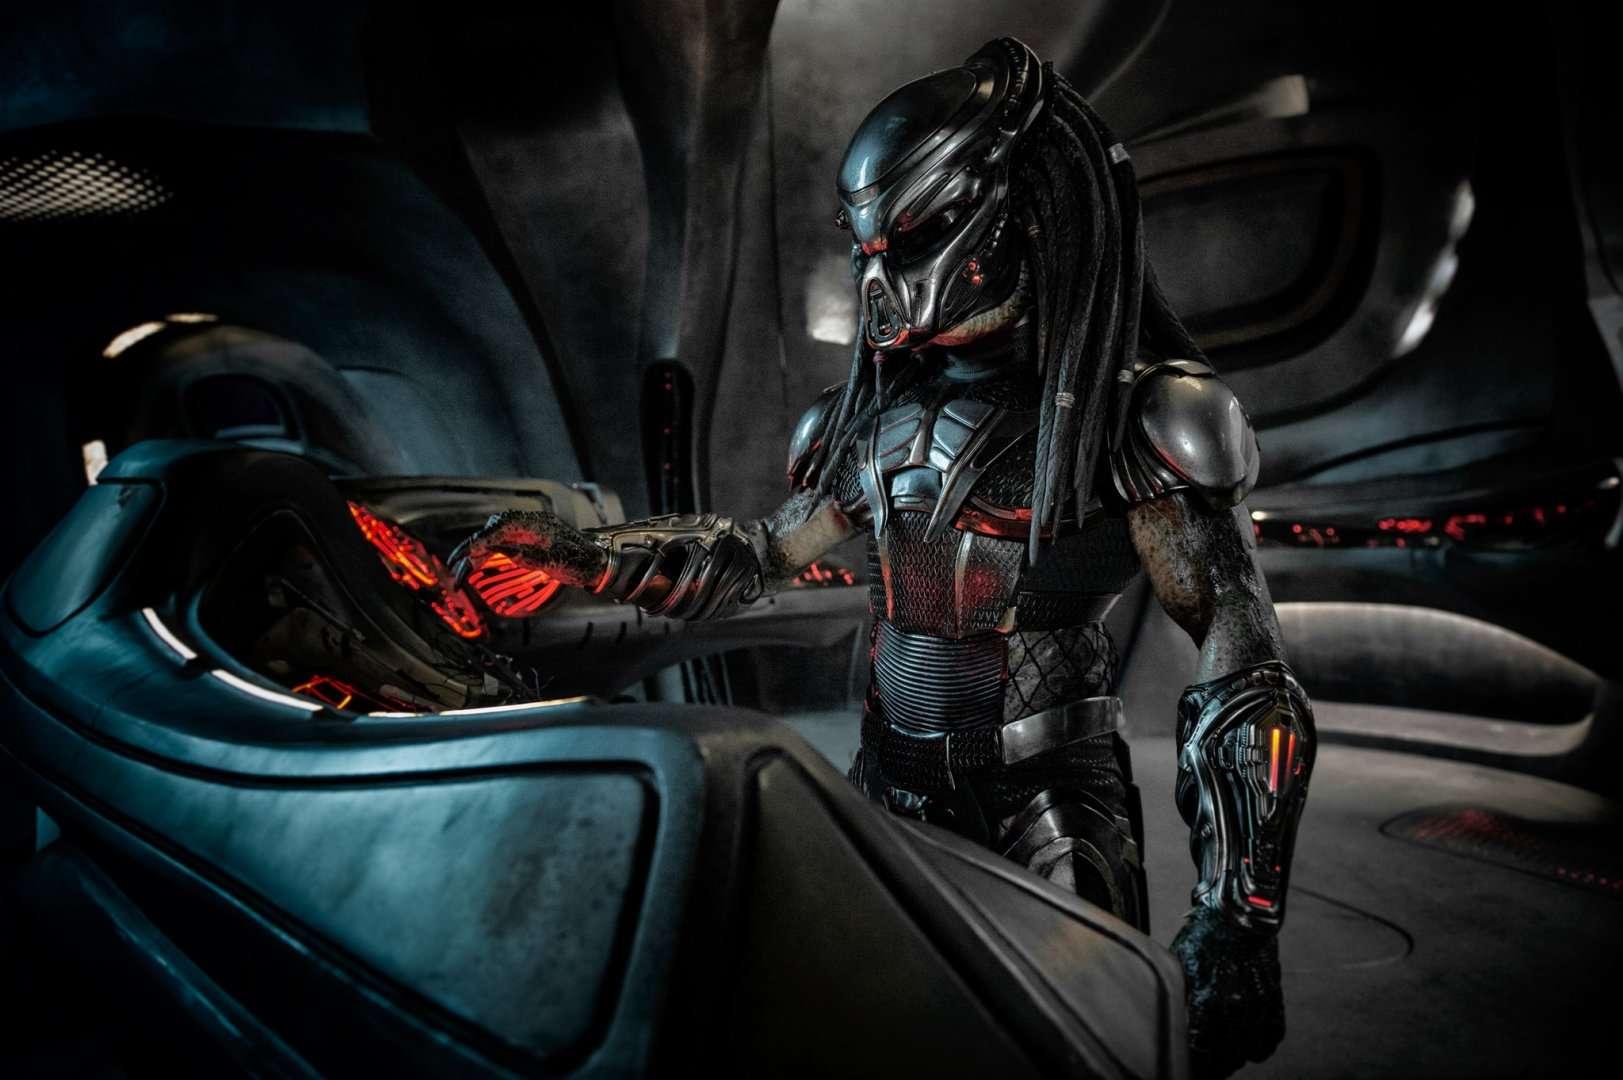 The-Predator-Main-1